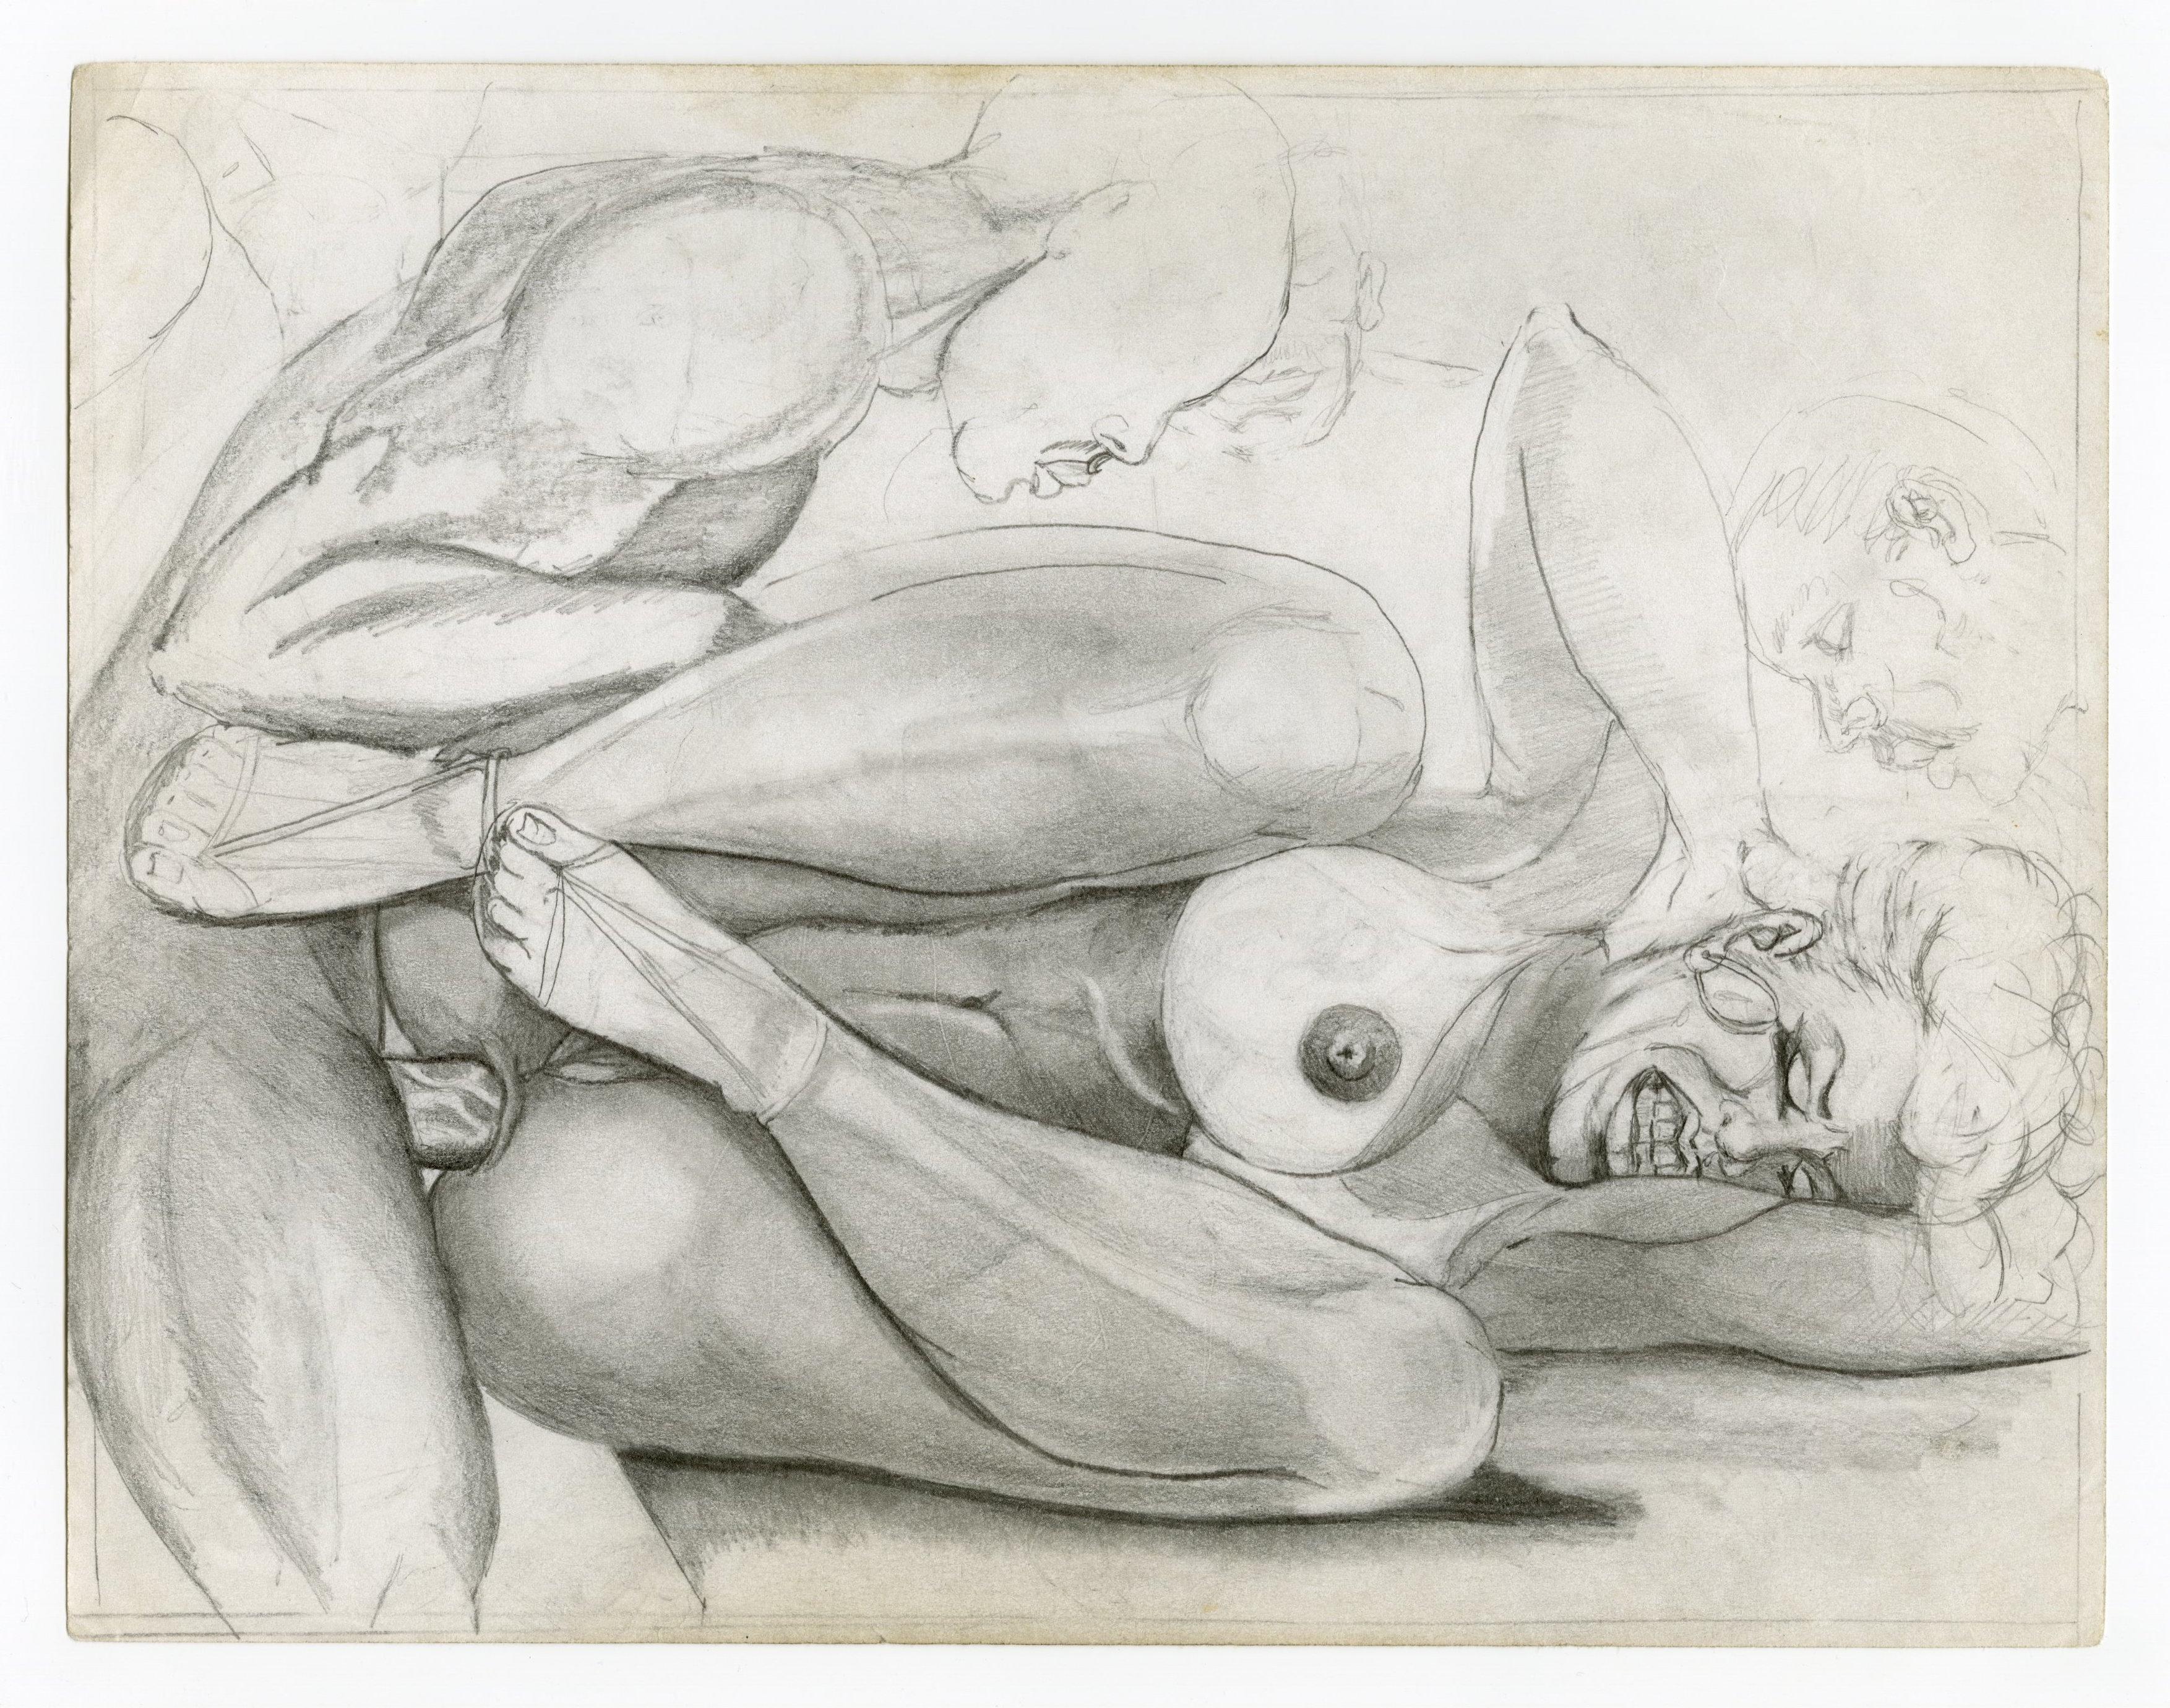 Erotica sex drawings